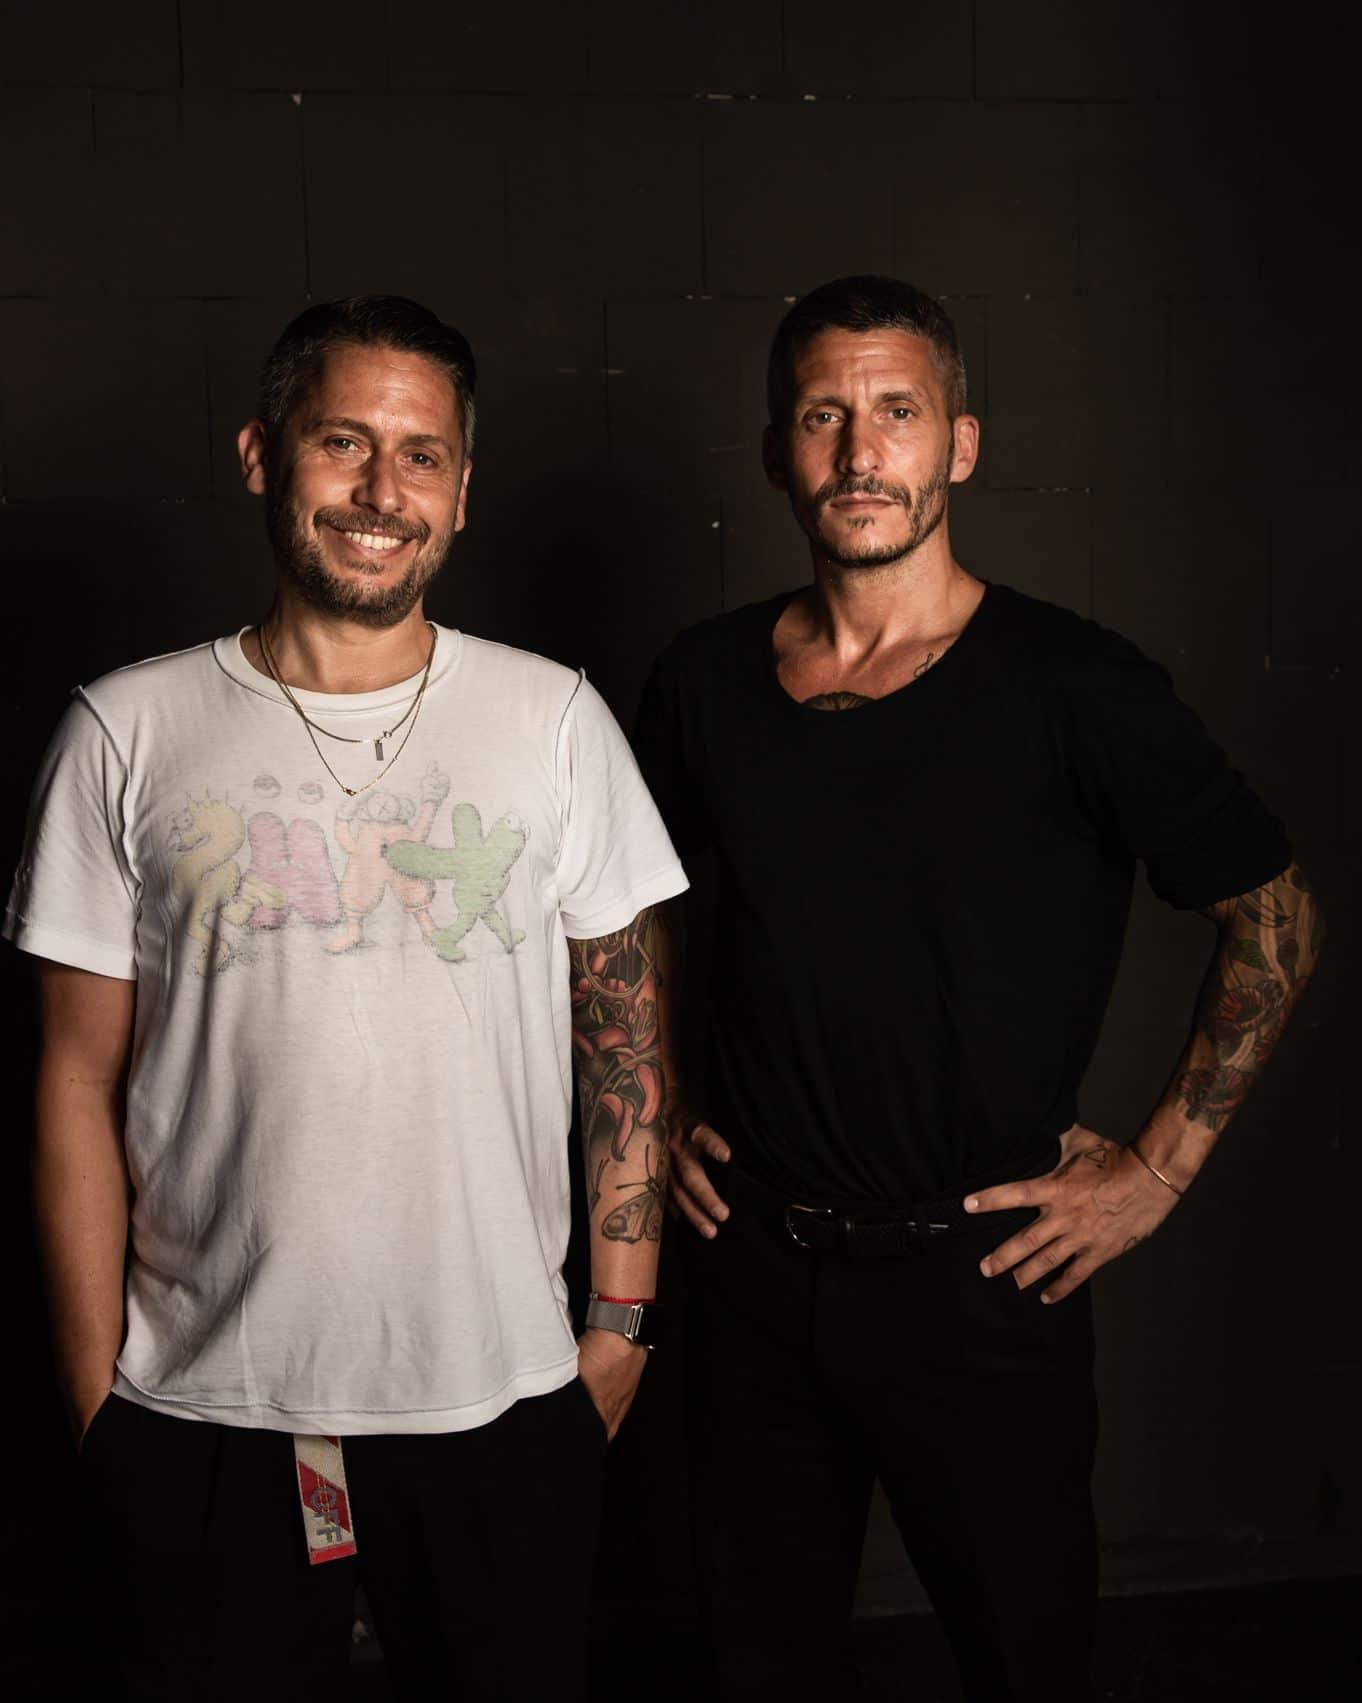 James und David Ardinast, Unternehmer